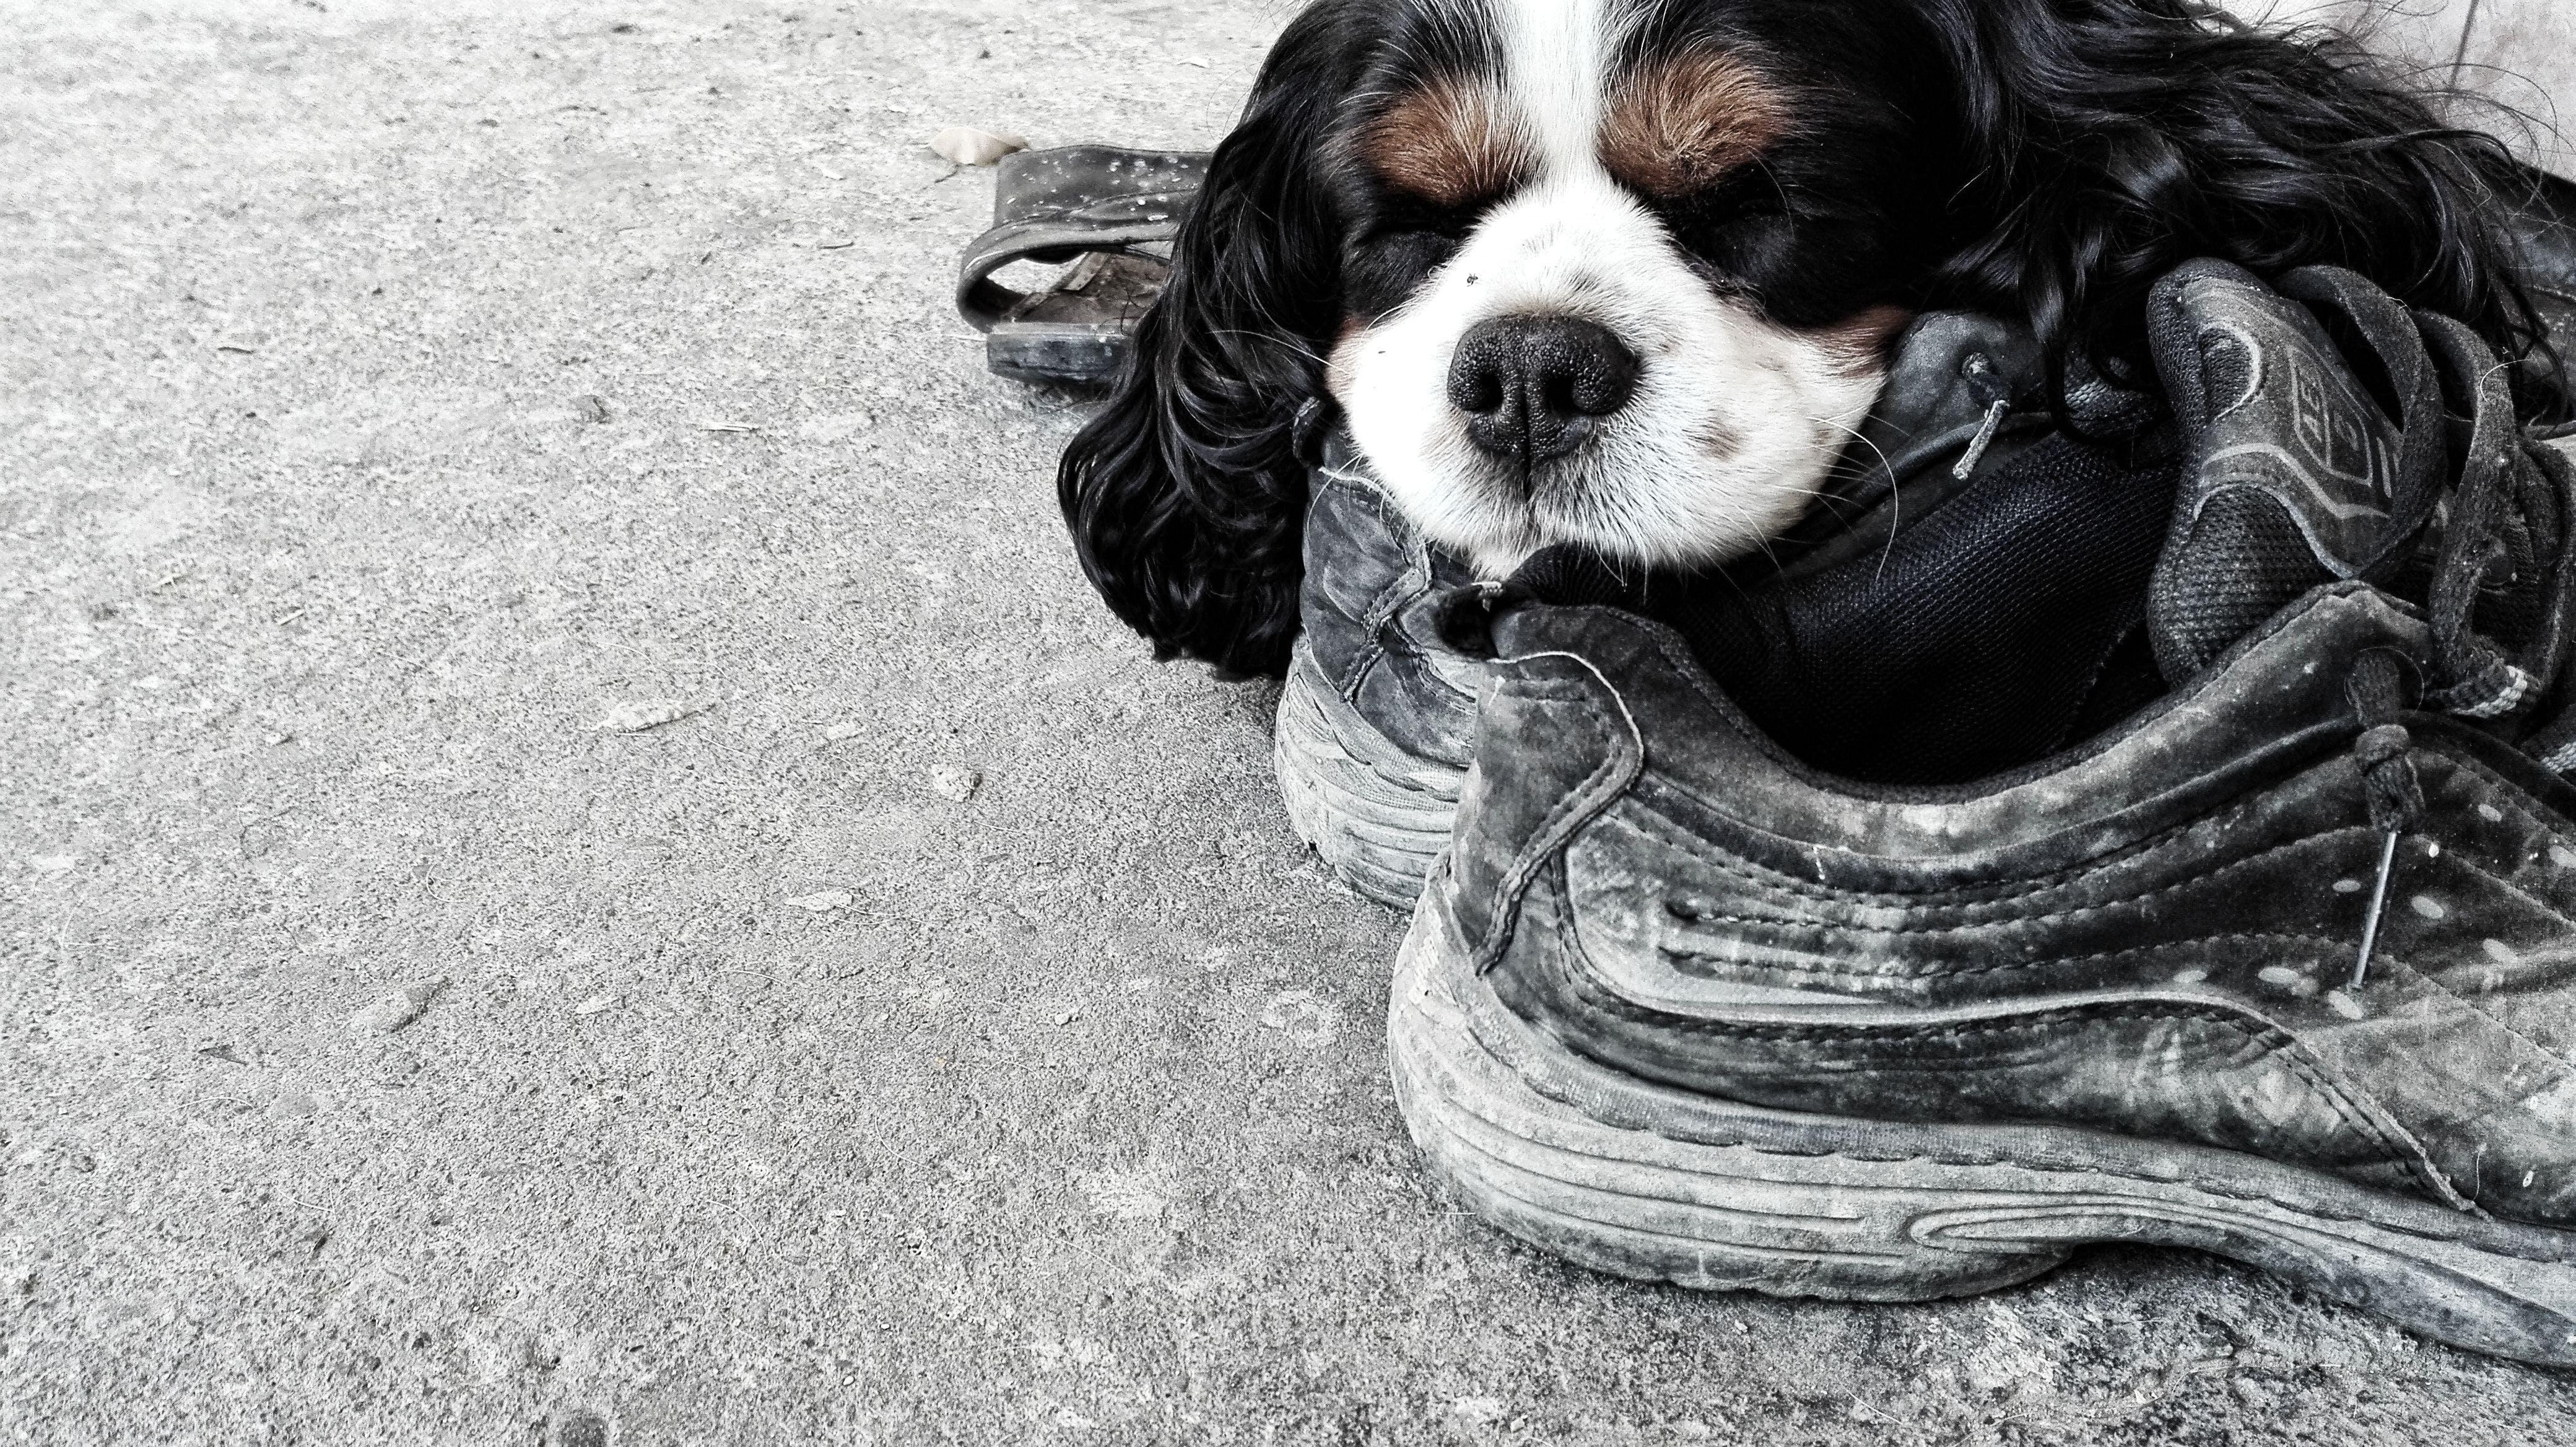 Kostenloses Stock Foto zu hund, schlafender hund, stiefel